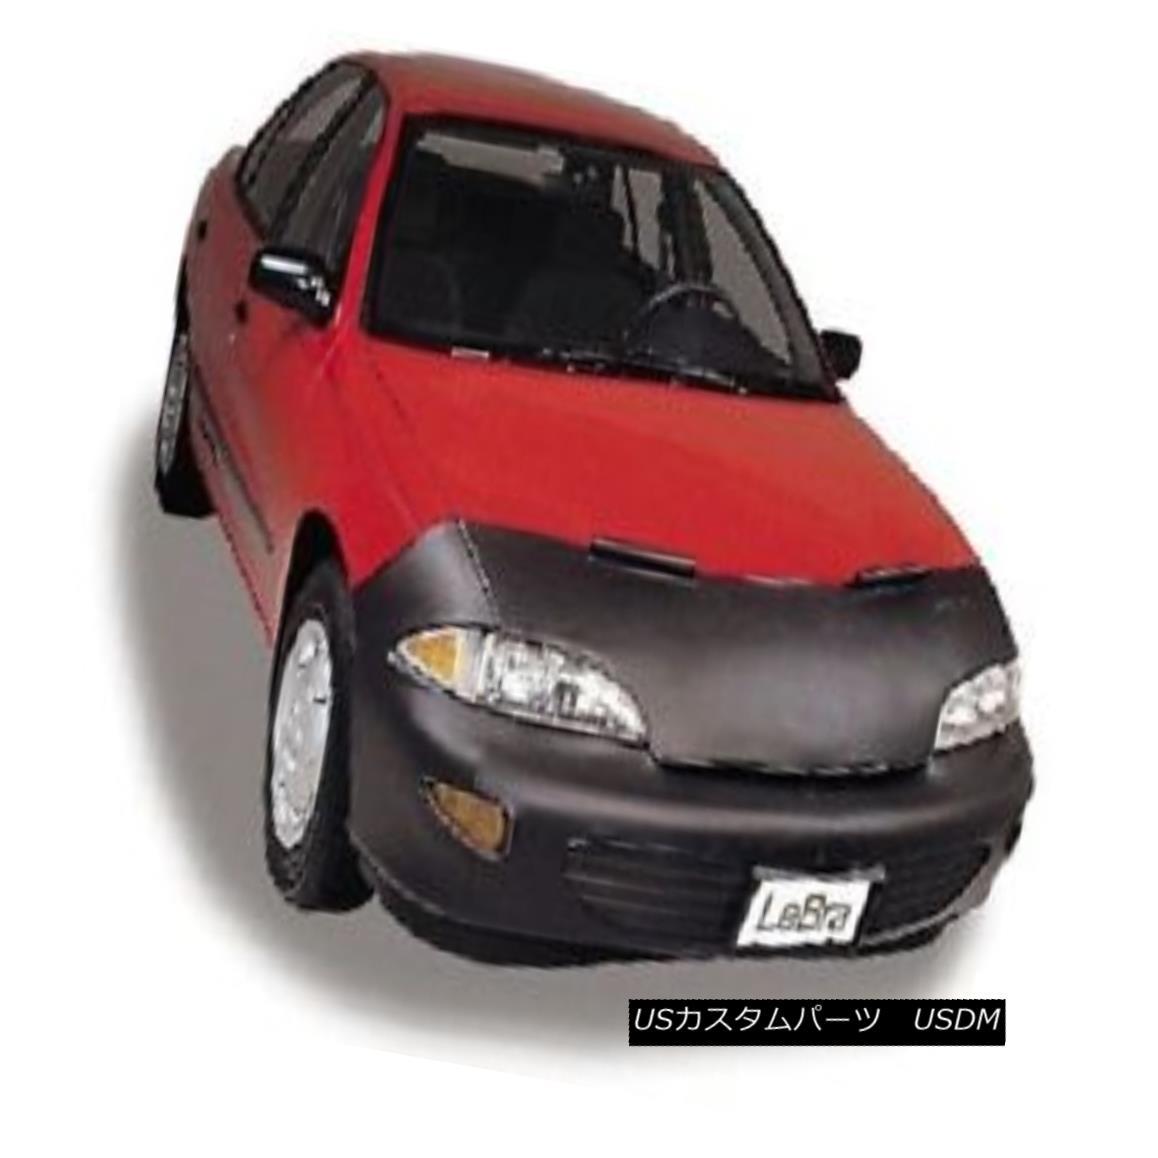 フルブラ ノーズブラ Lebra Front End Mask Cover Bra Fits 1992-1993 Hyundai Elantra & GLS Lebraフロントエンドマスクカバーブラフィット1992-1993 Hyundai Elantra& GLS